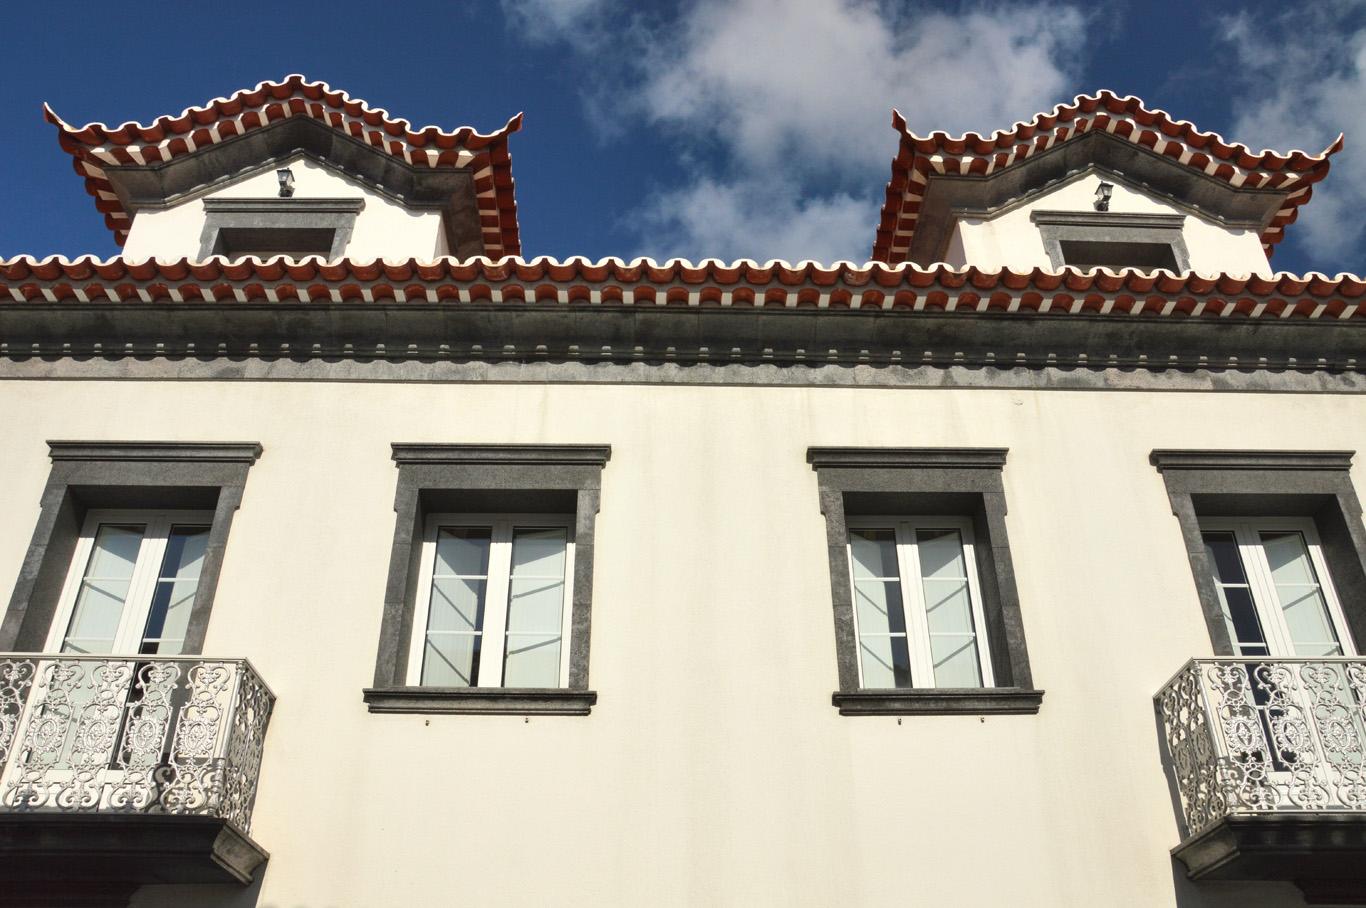 A house in Ponta Delgada